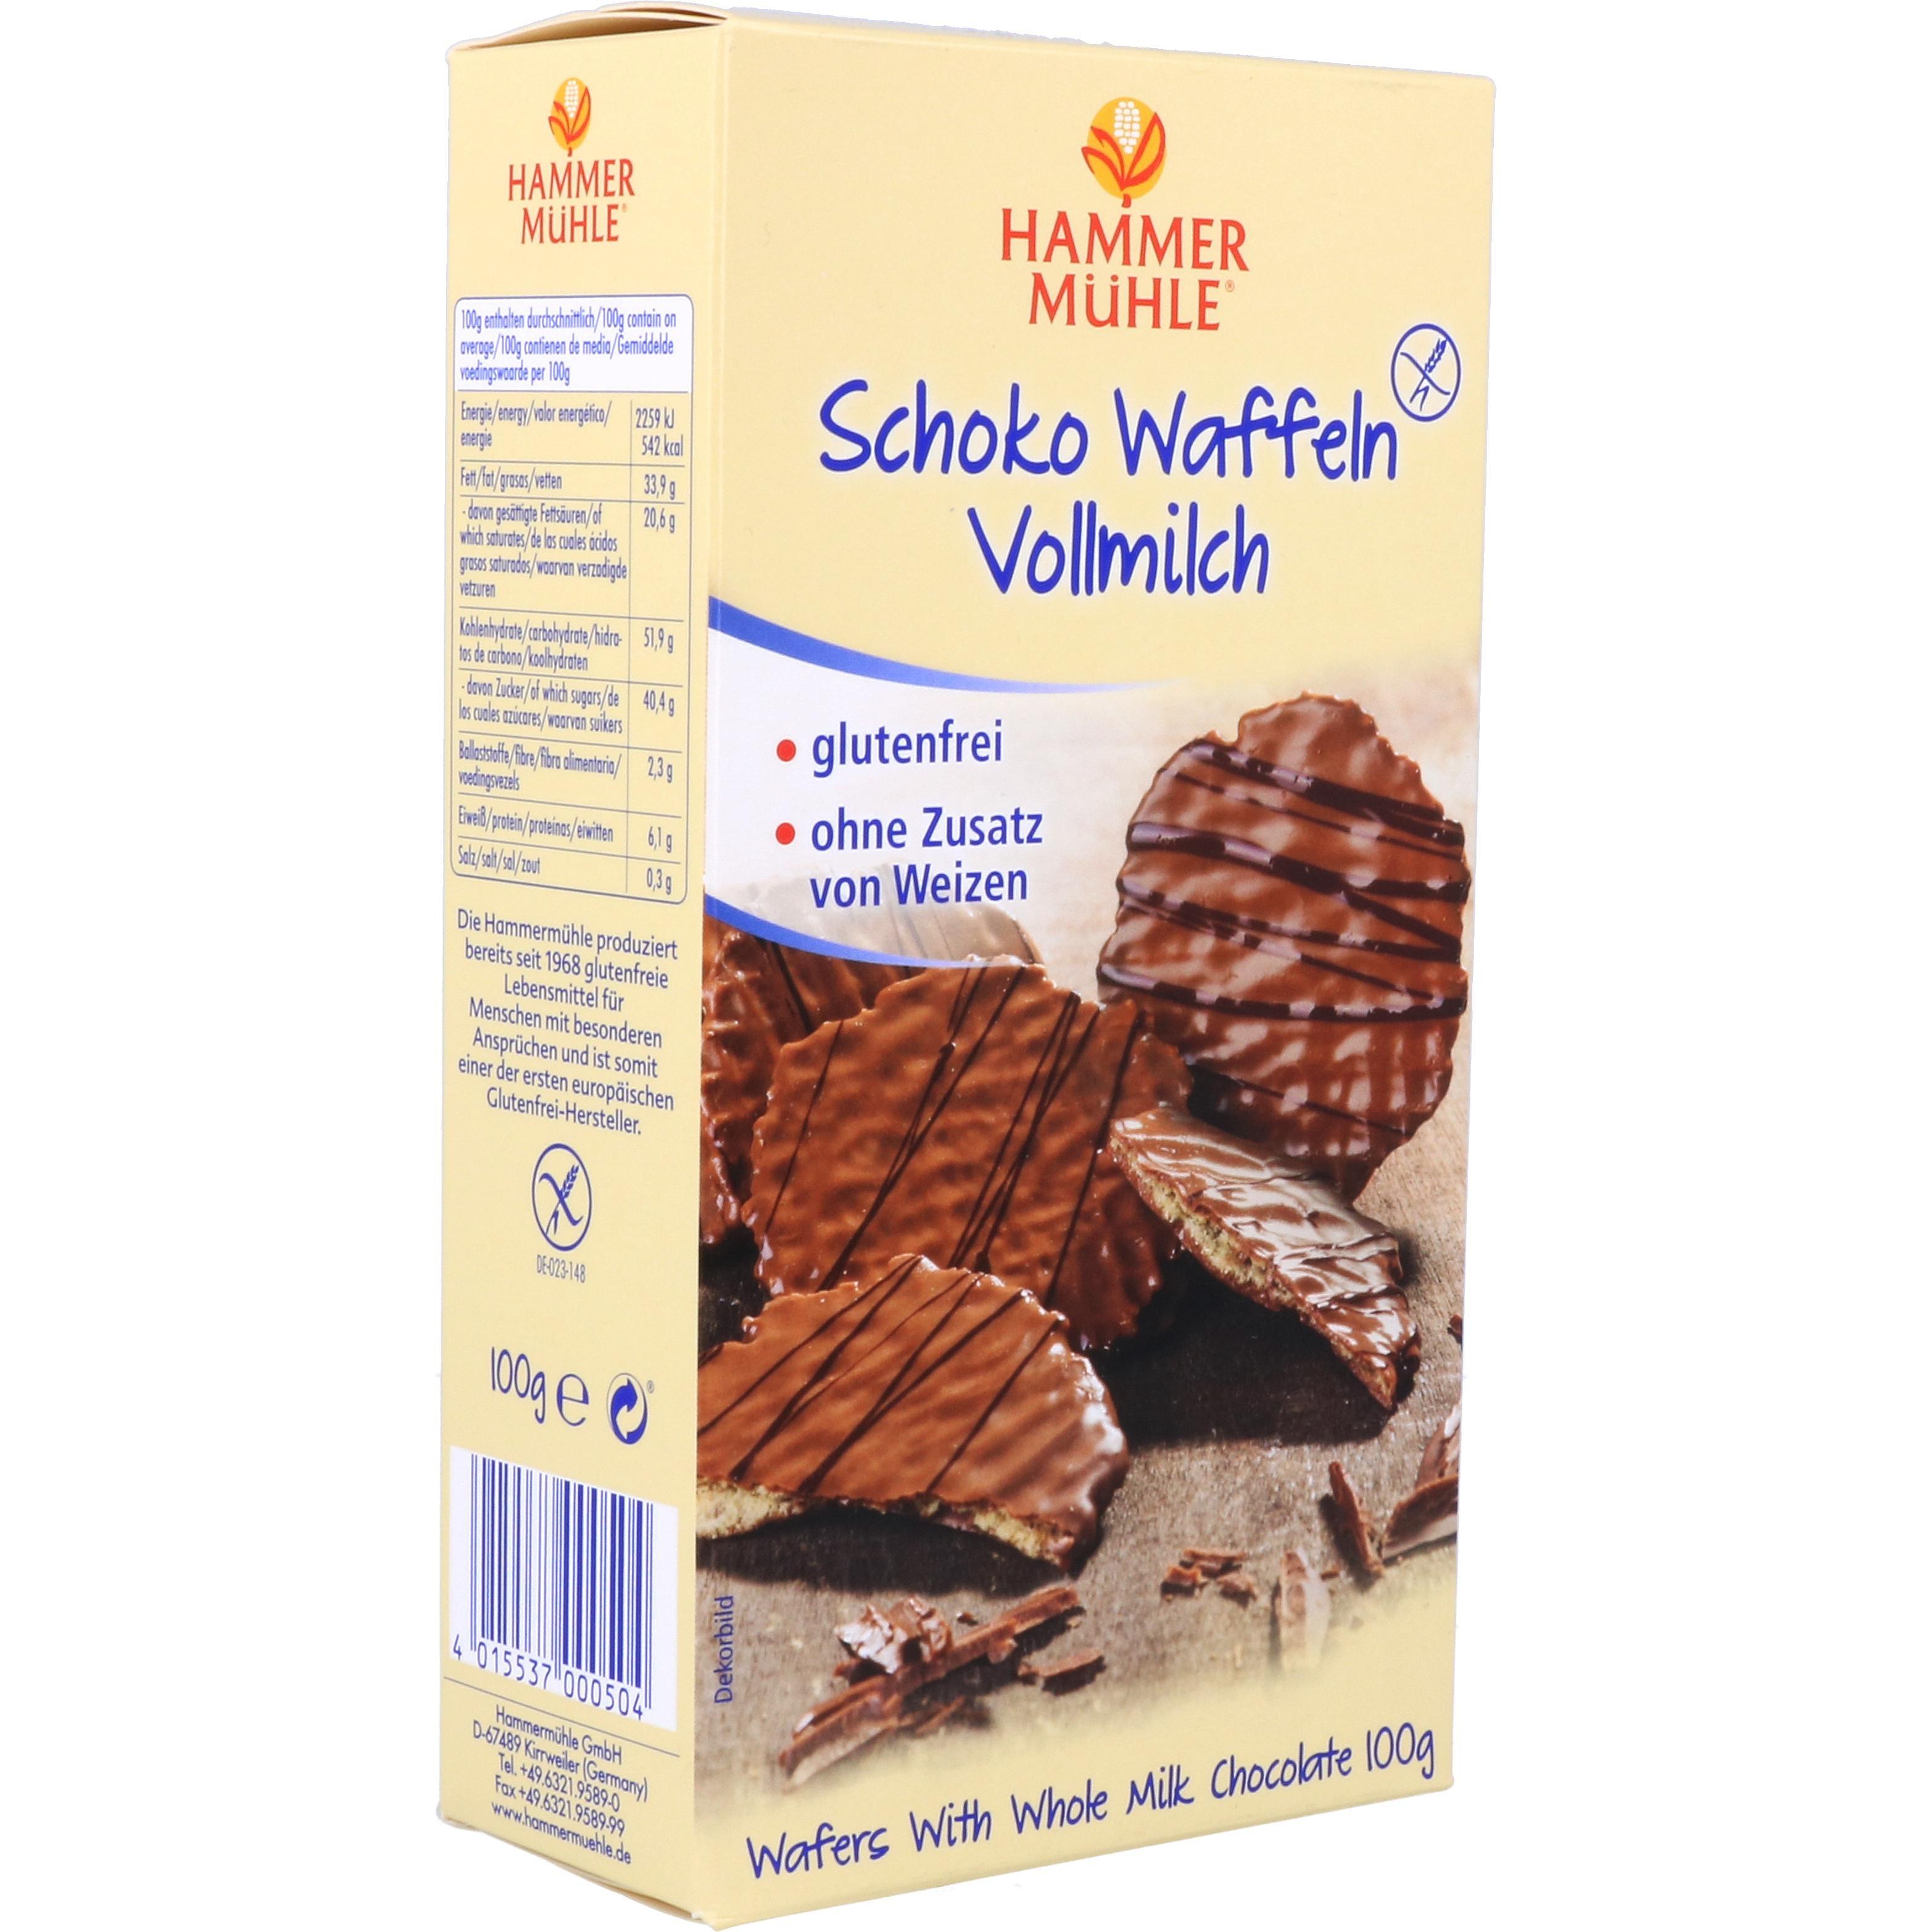 Hammermühle Schoko Waffeln Vollmilch 100g